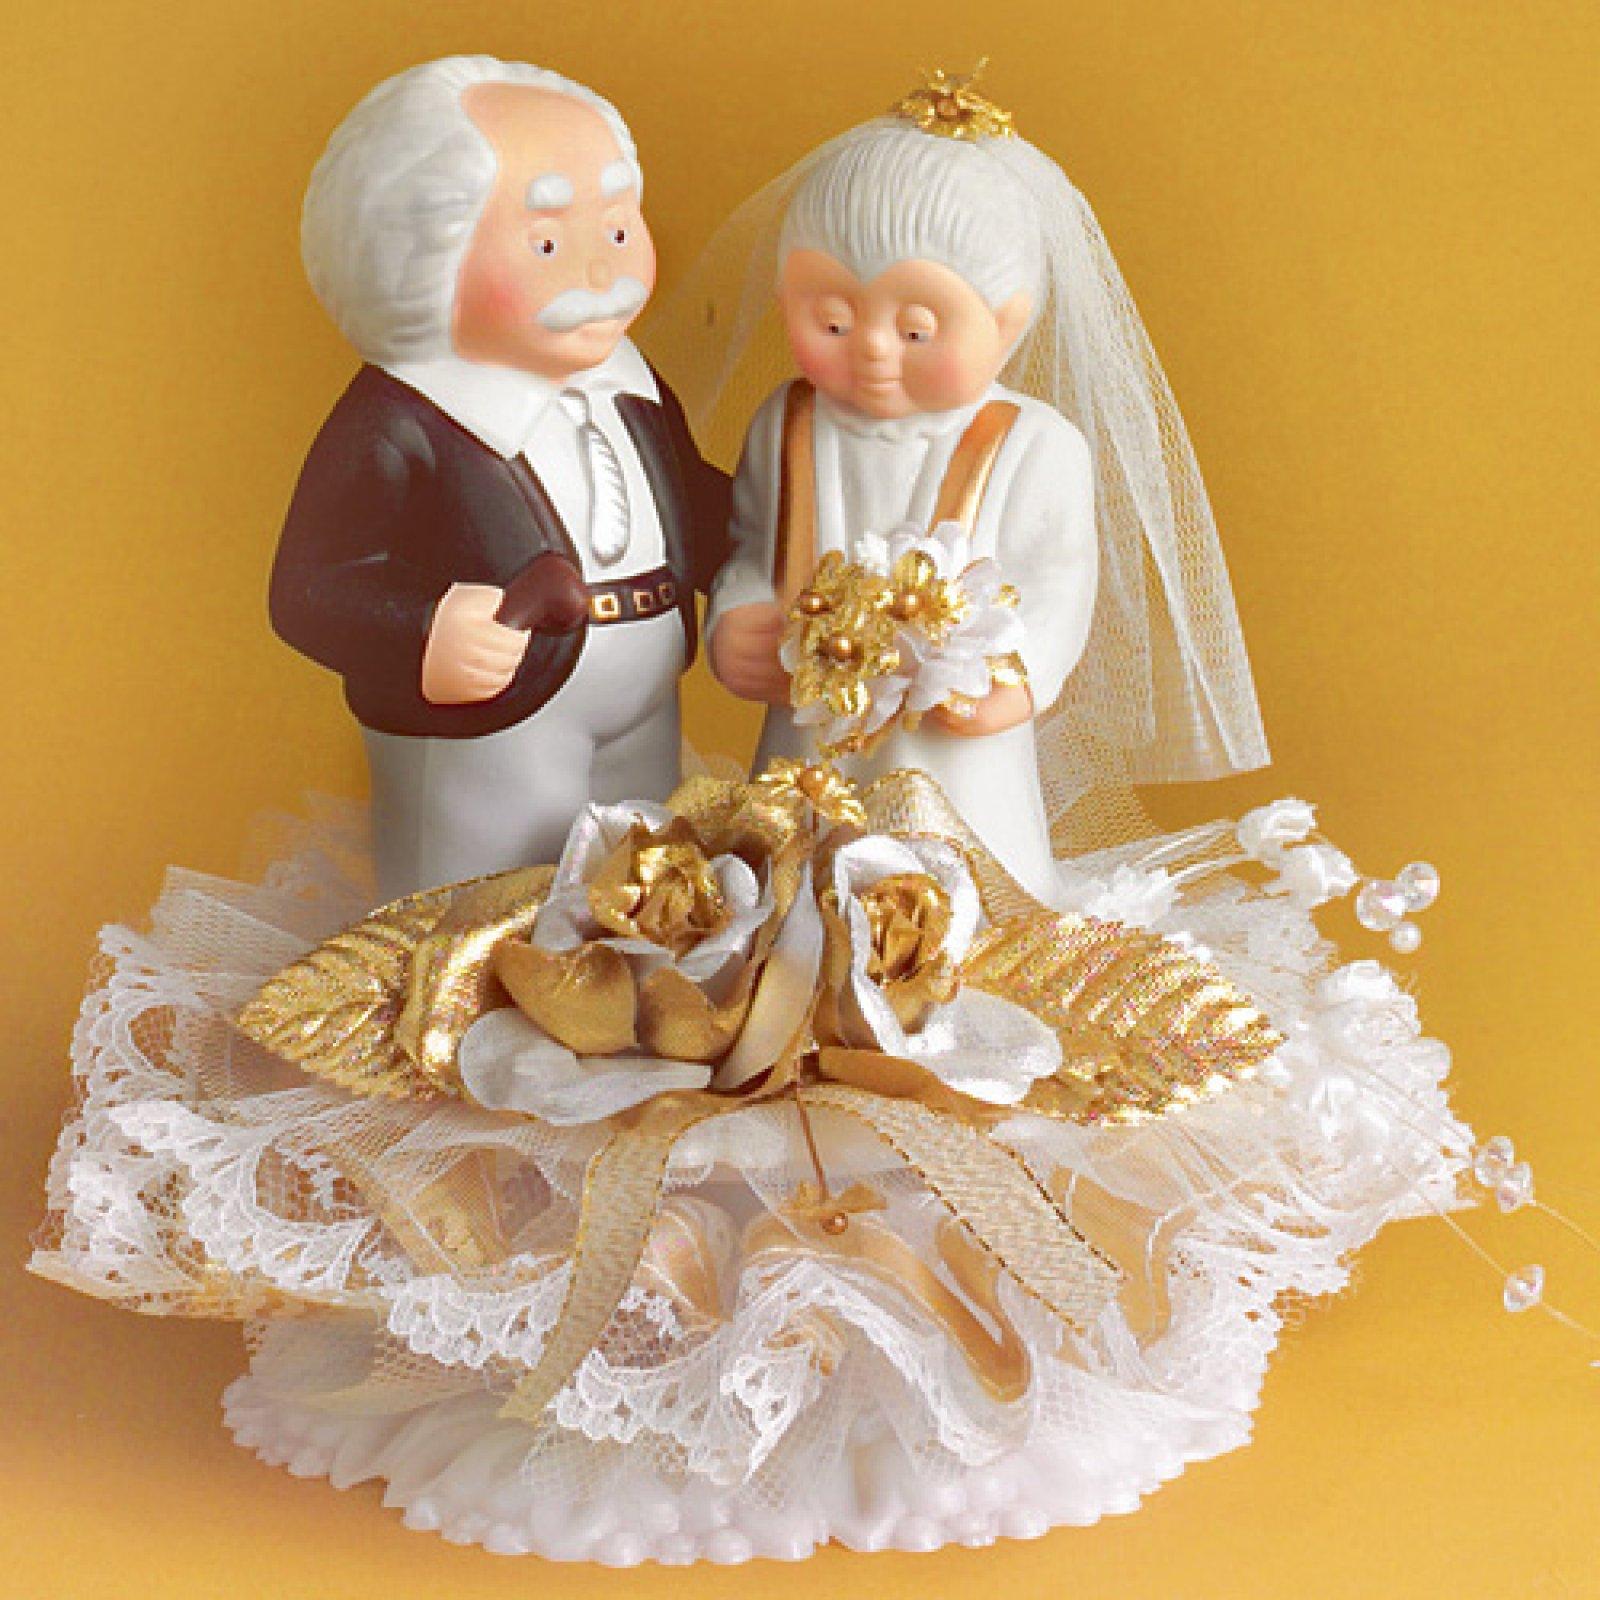 Подарок на золотую свадьбу родителям или бабушке, дедушке 60